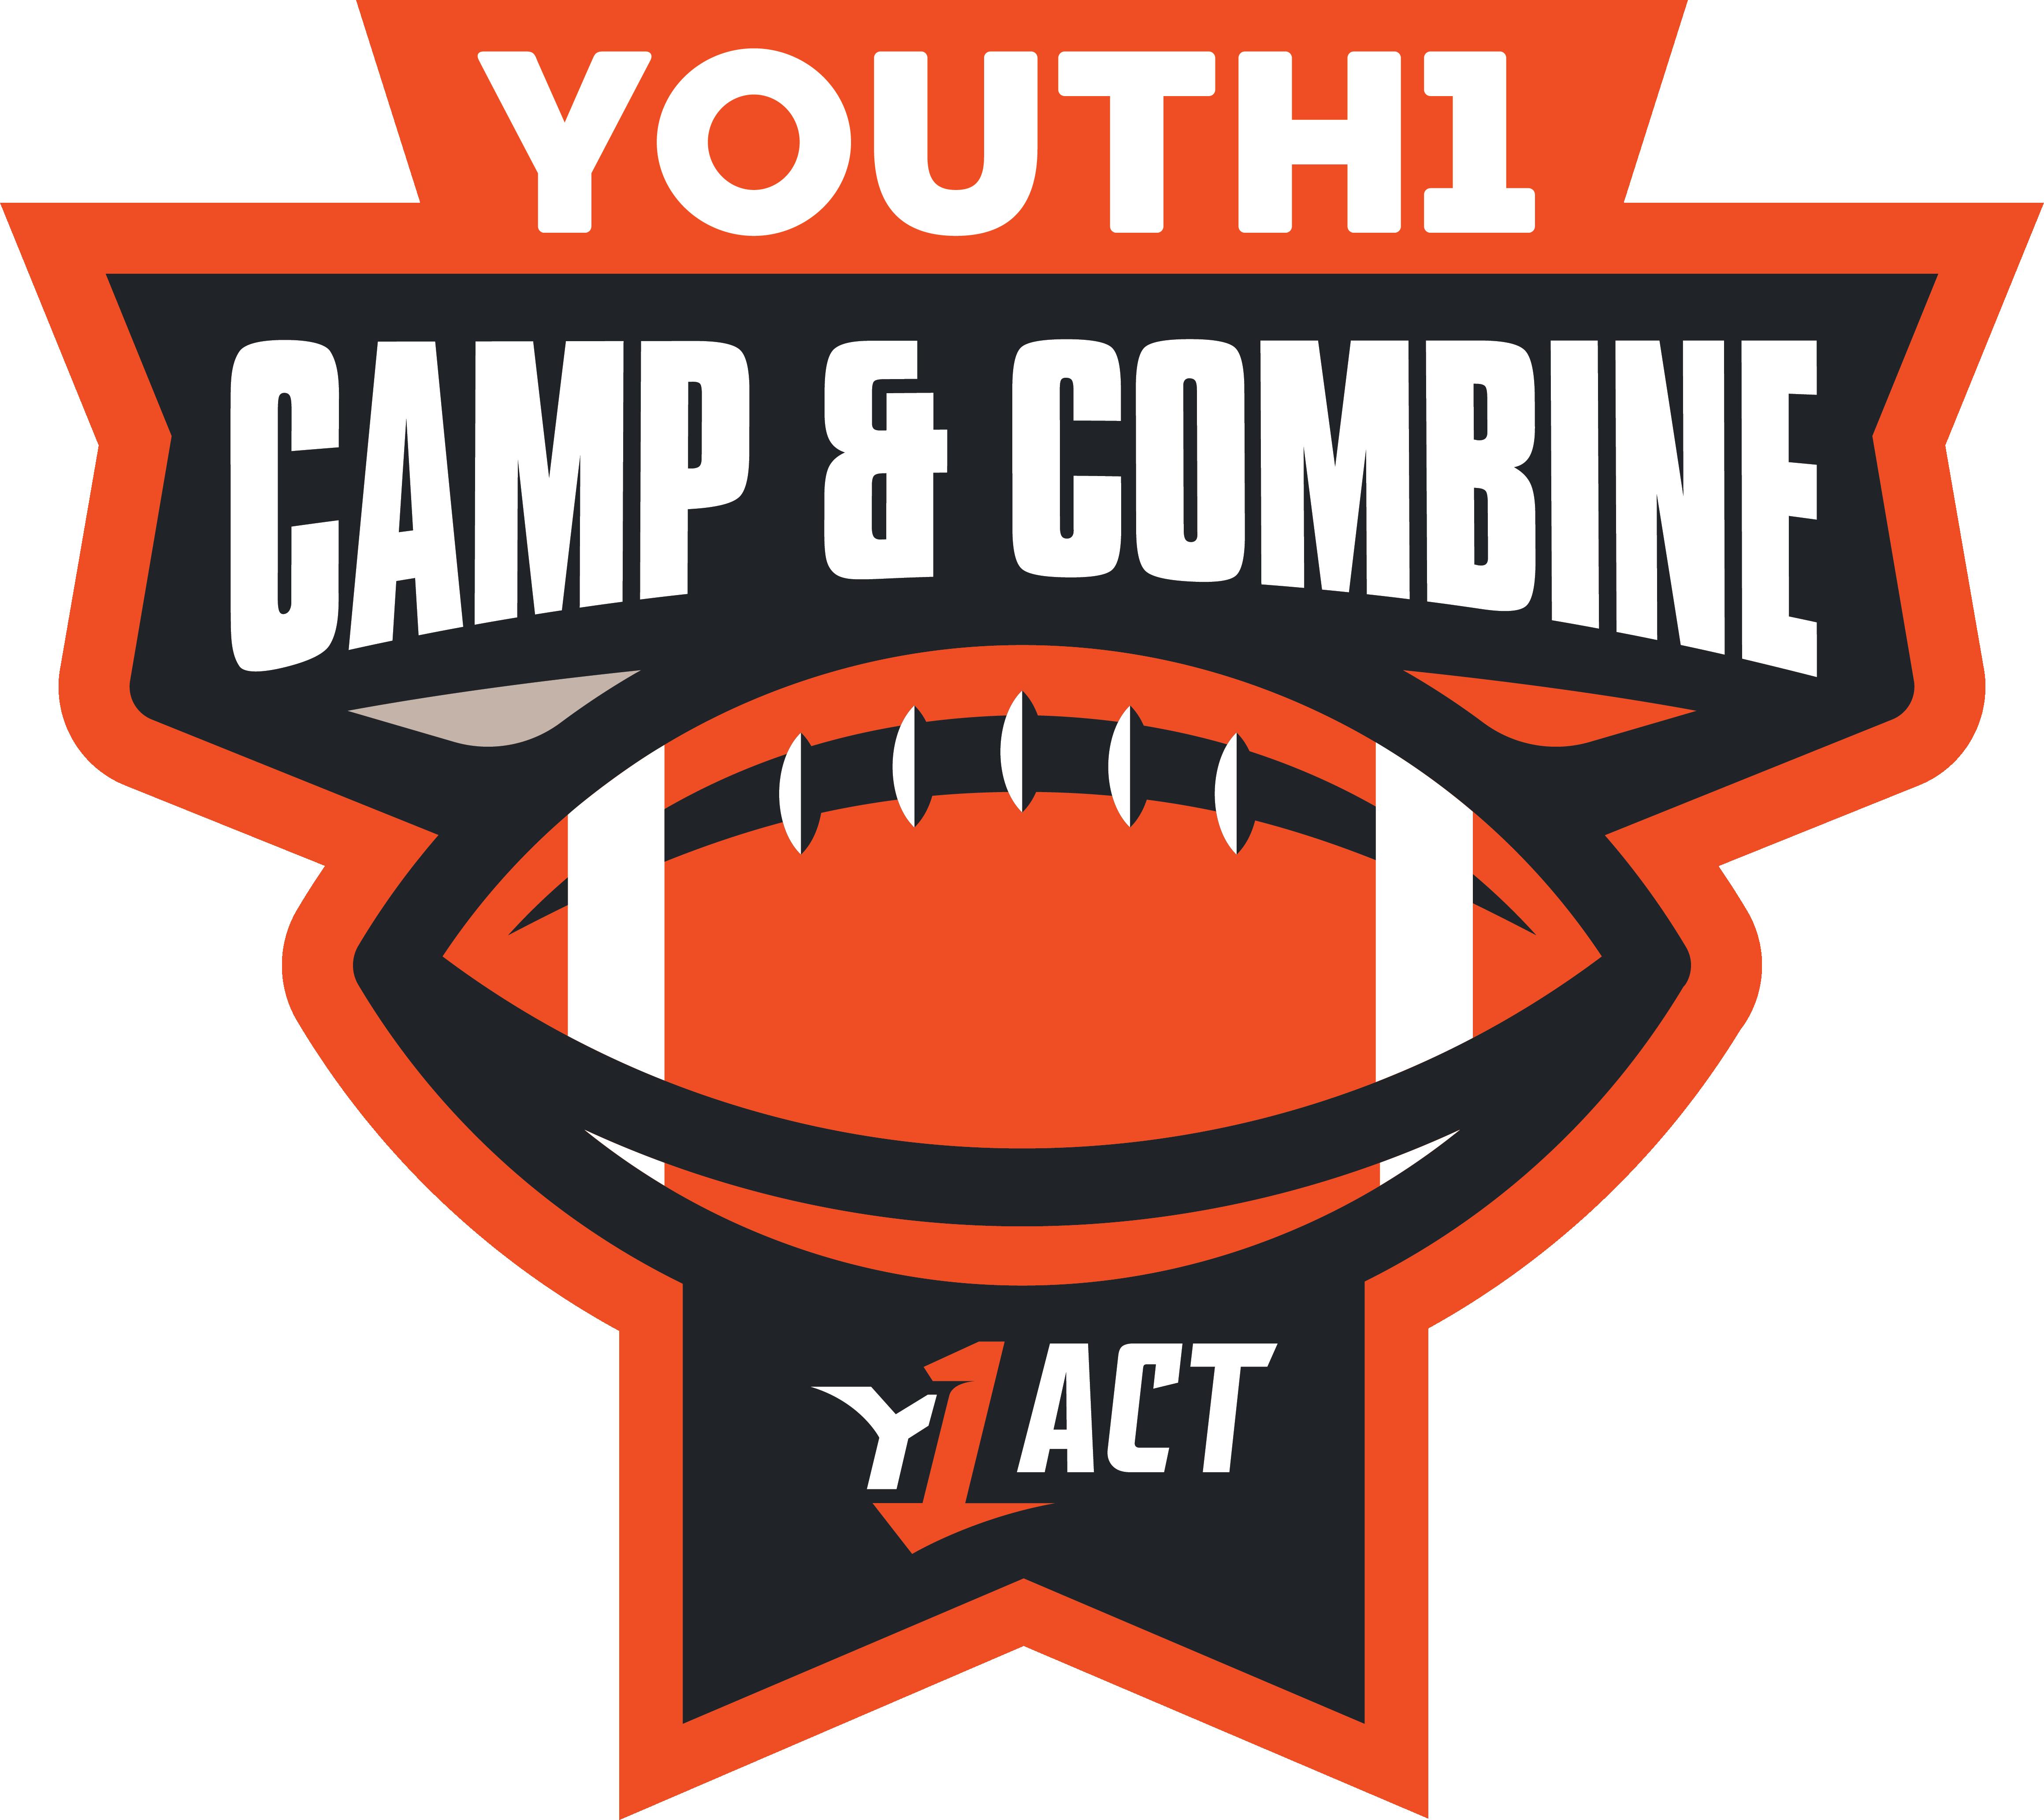 y1act combine logo